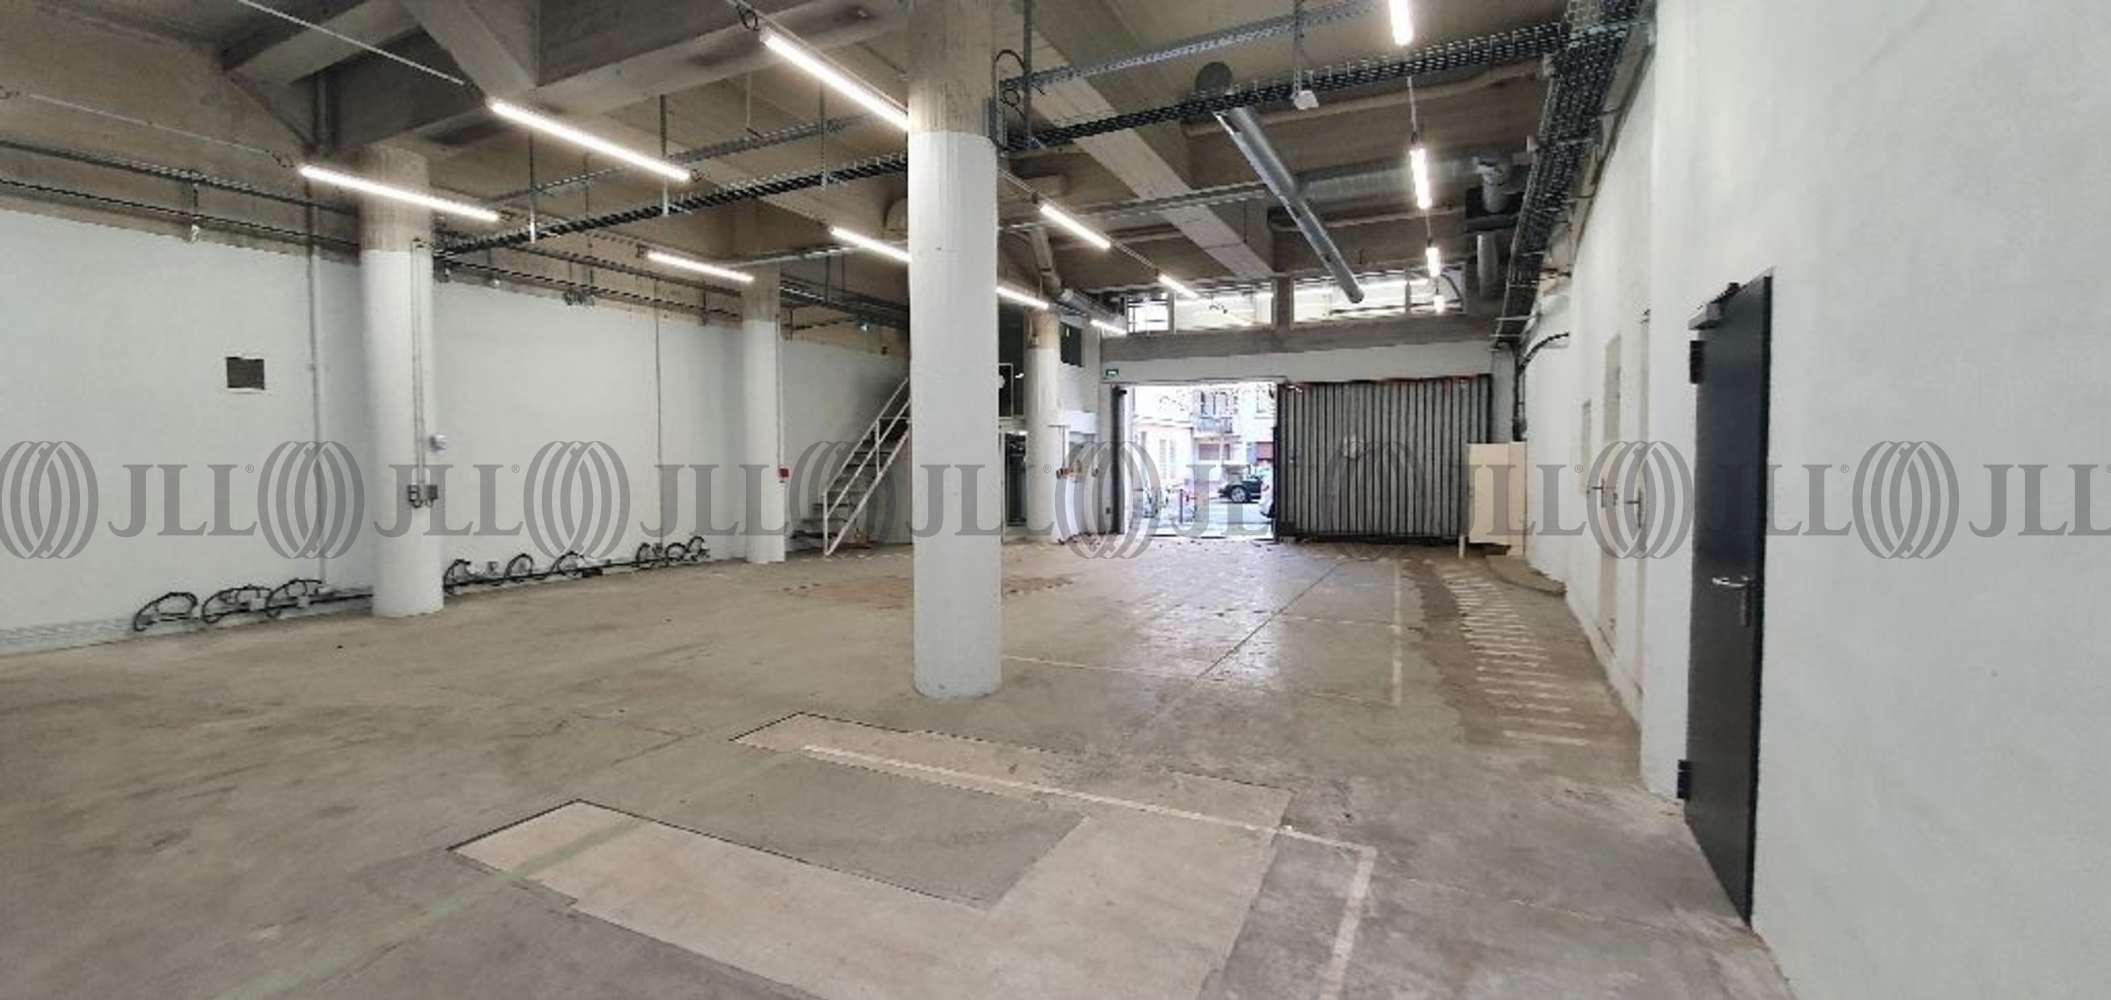 Activités/entrepôt Issy les moulineaux, 92130